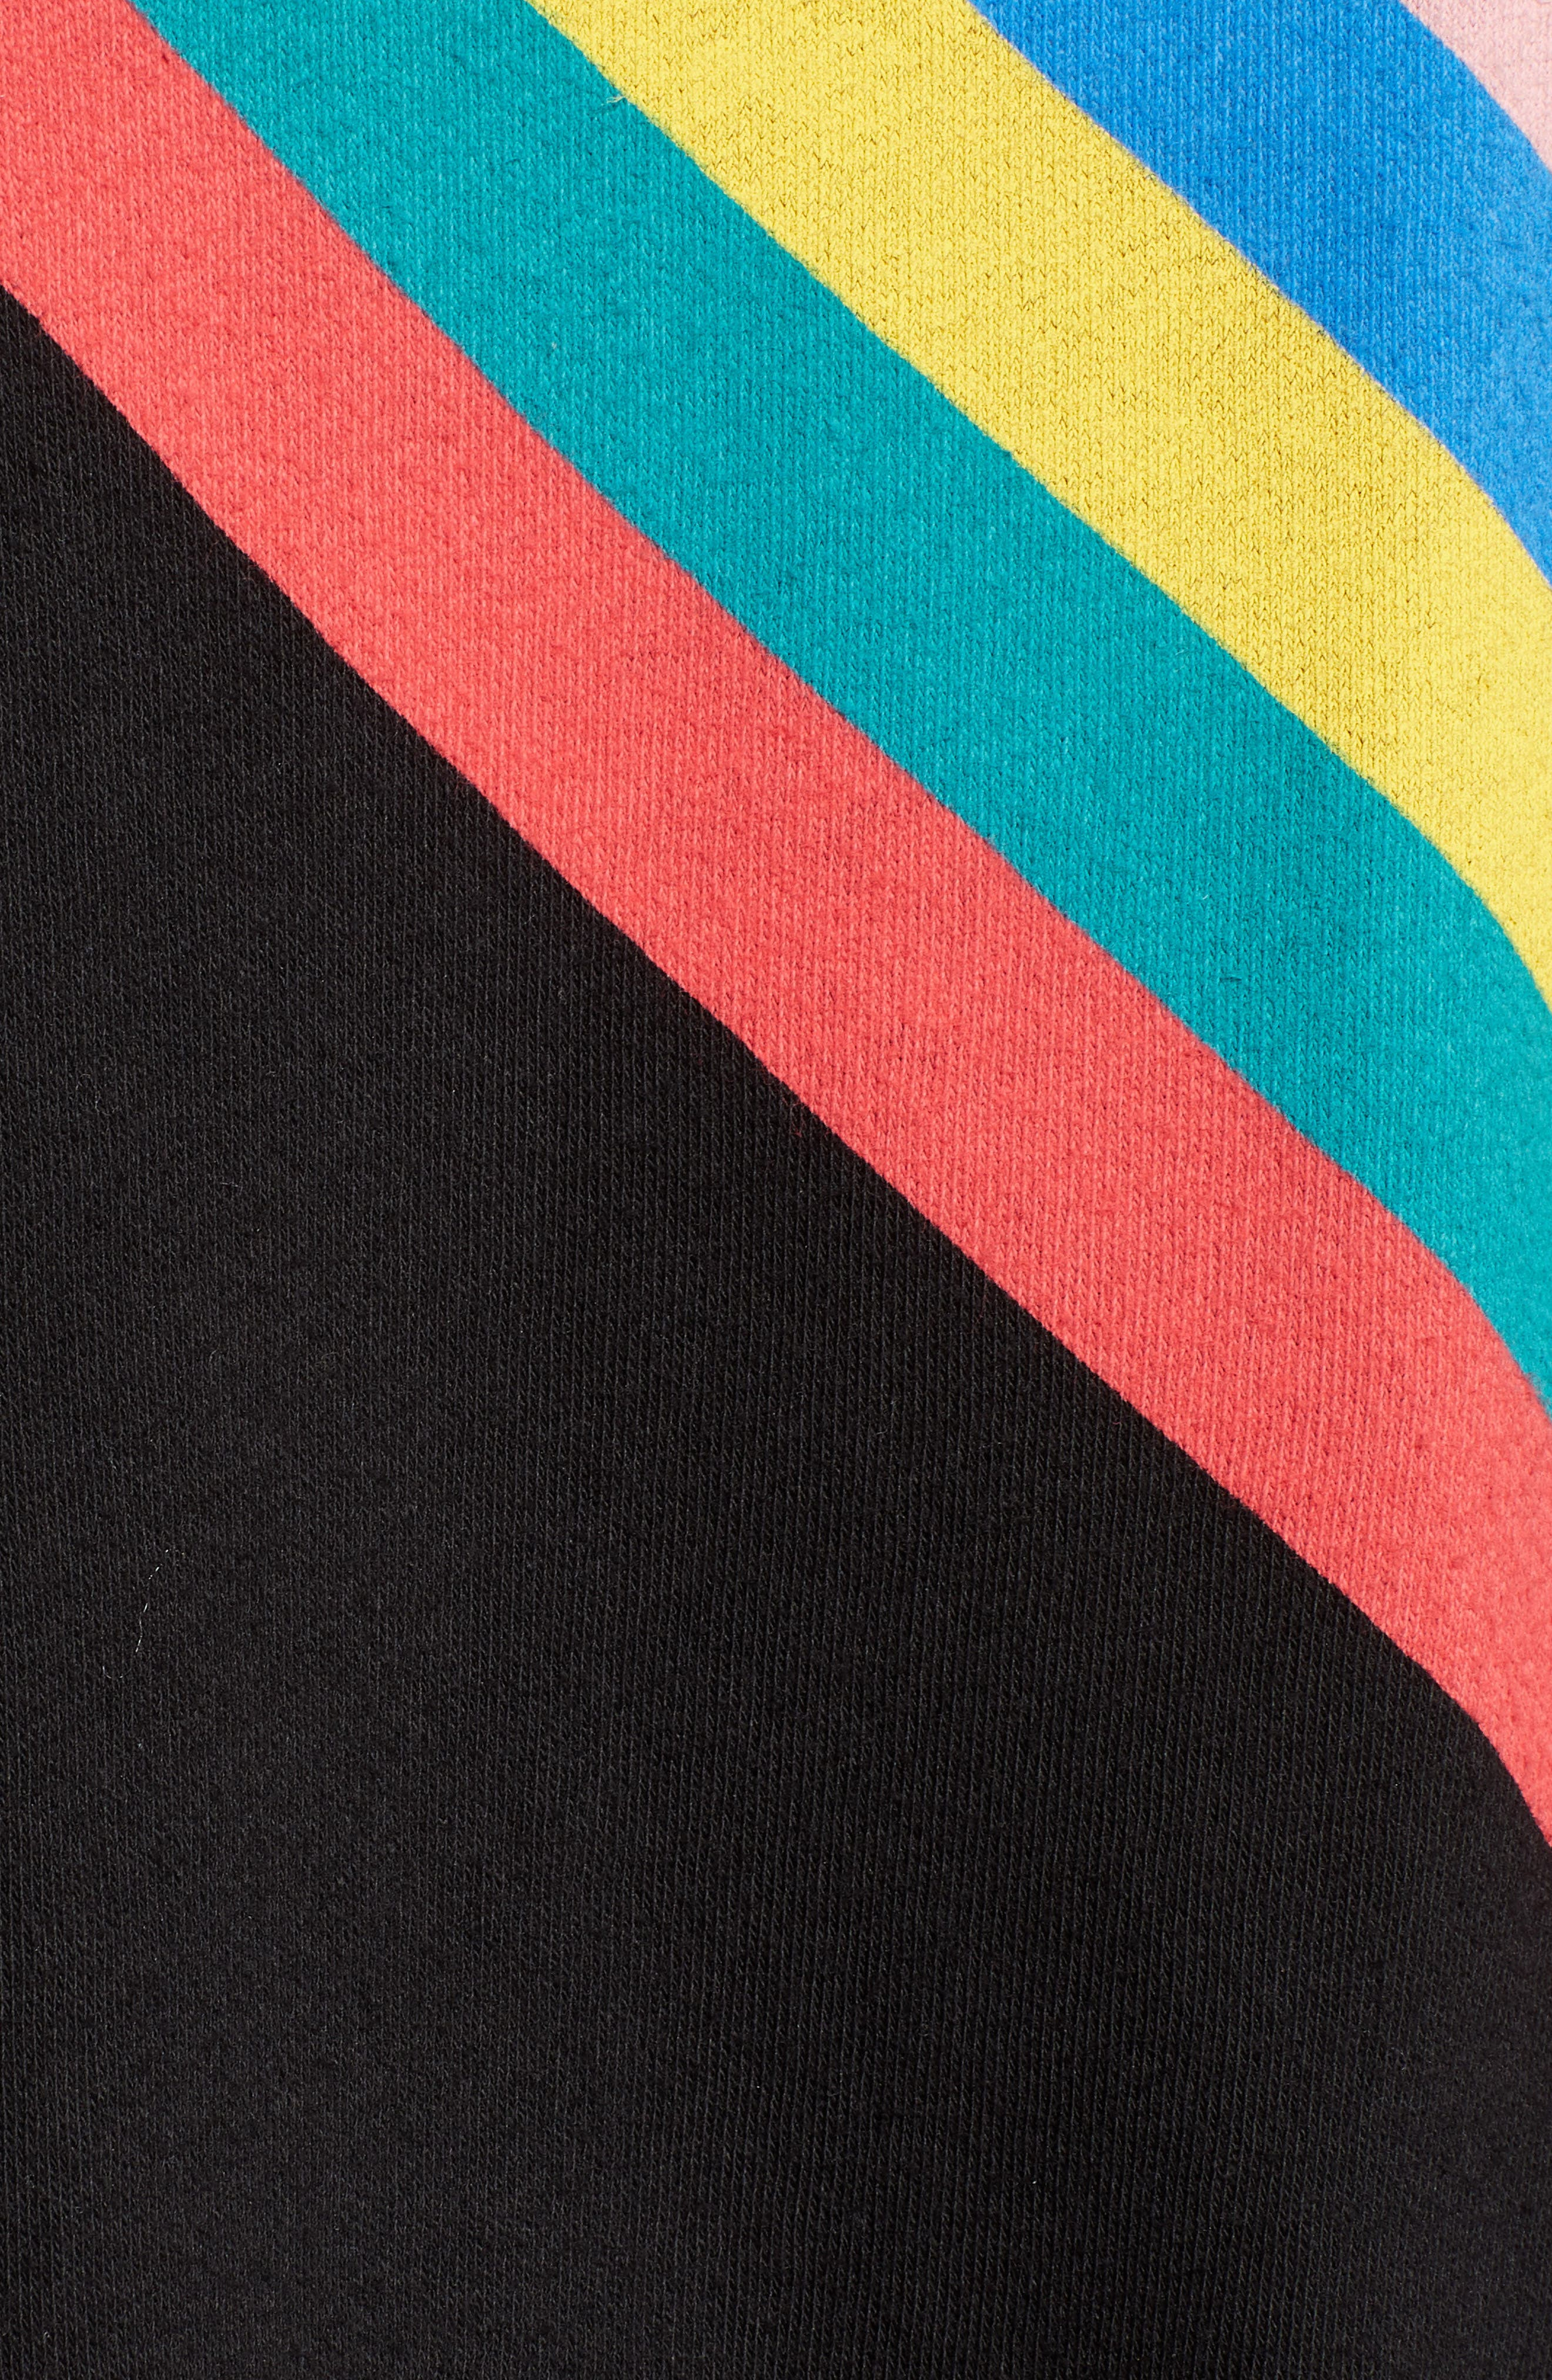 Spectrum Marquis Zip Hoodie,                             Alternate thumbnail 5, color,                             001